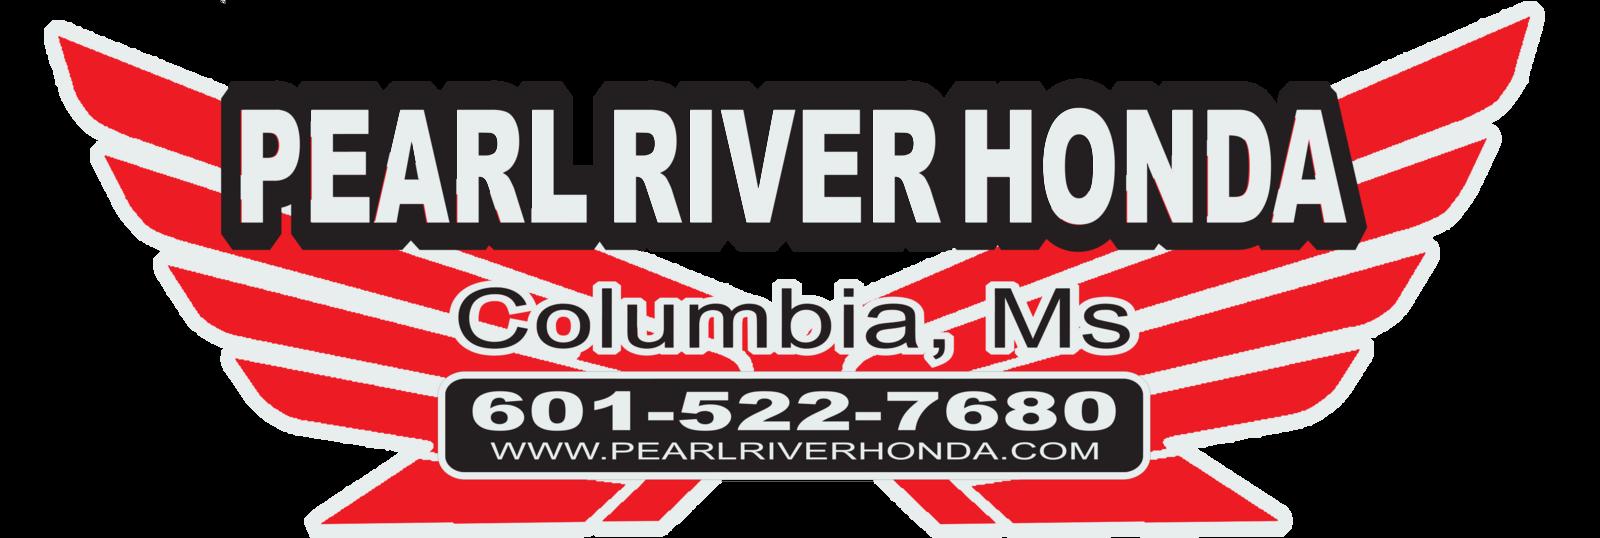 Pearl River Honda Columbia MS 601 522 7680